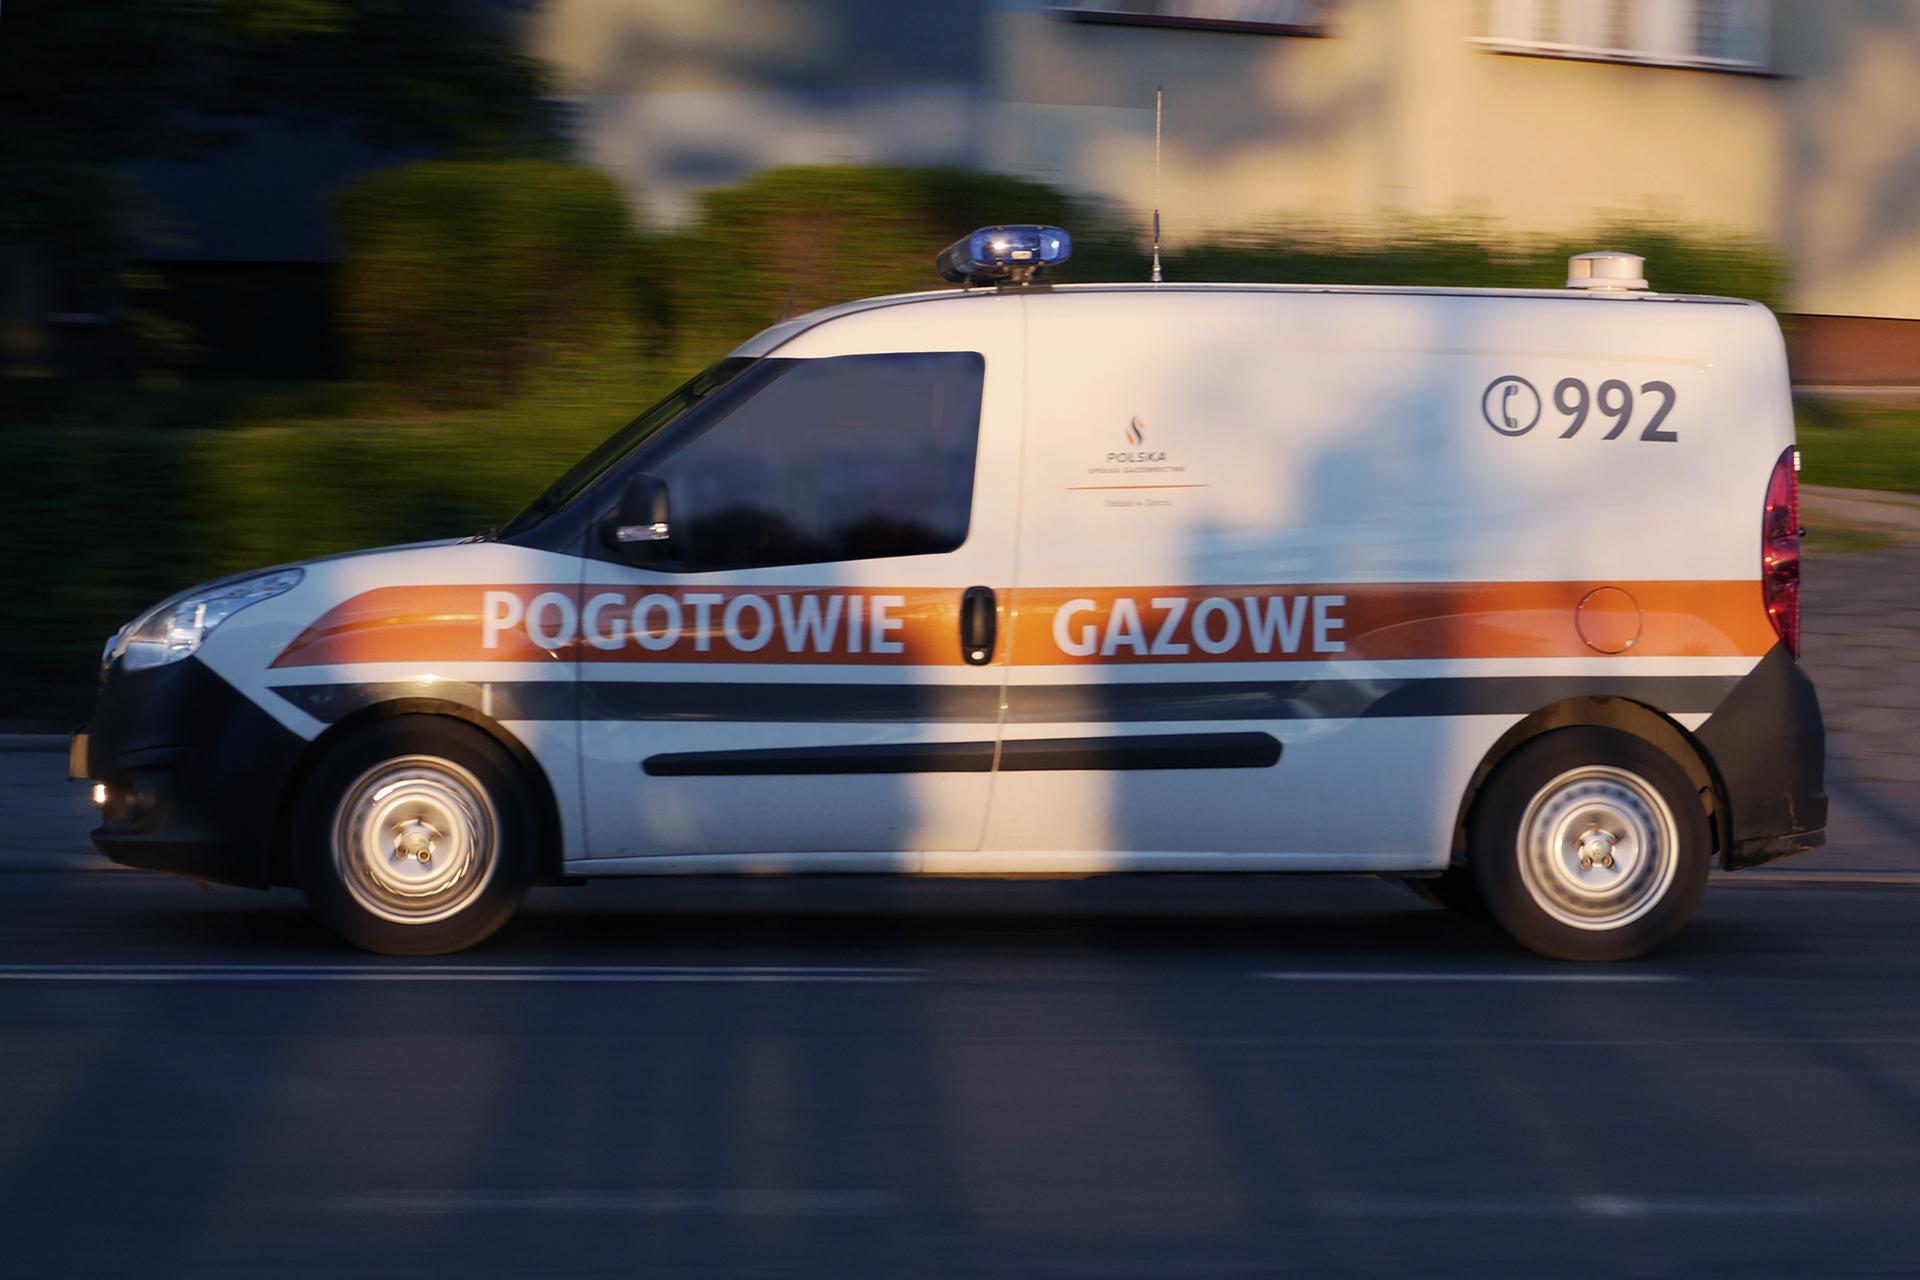 Samochód znumerem telefonu pogotowia gazowego